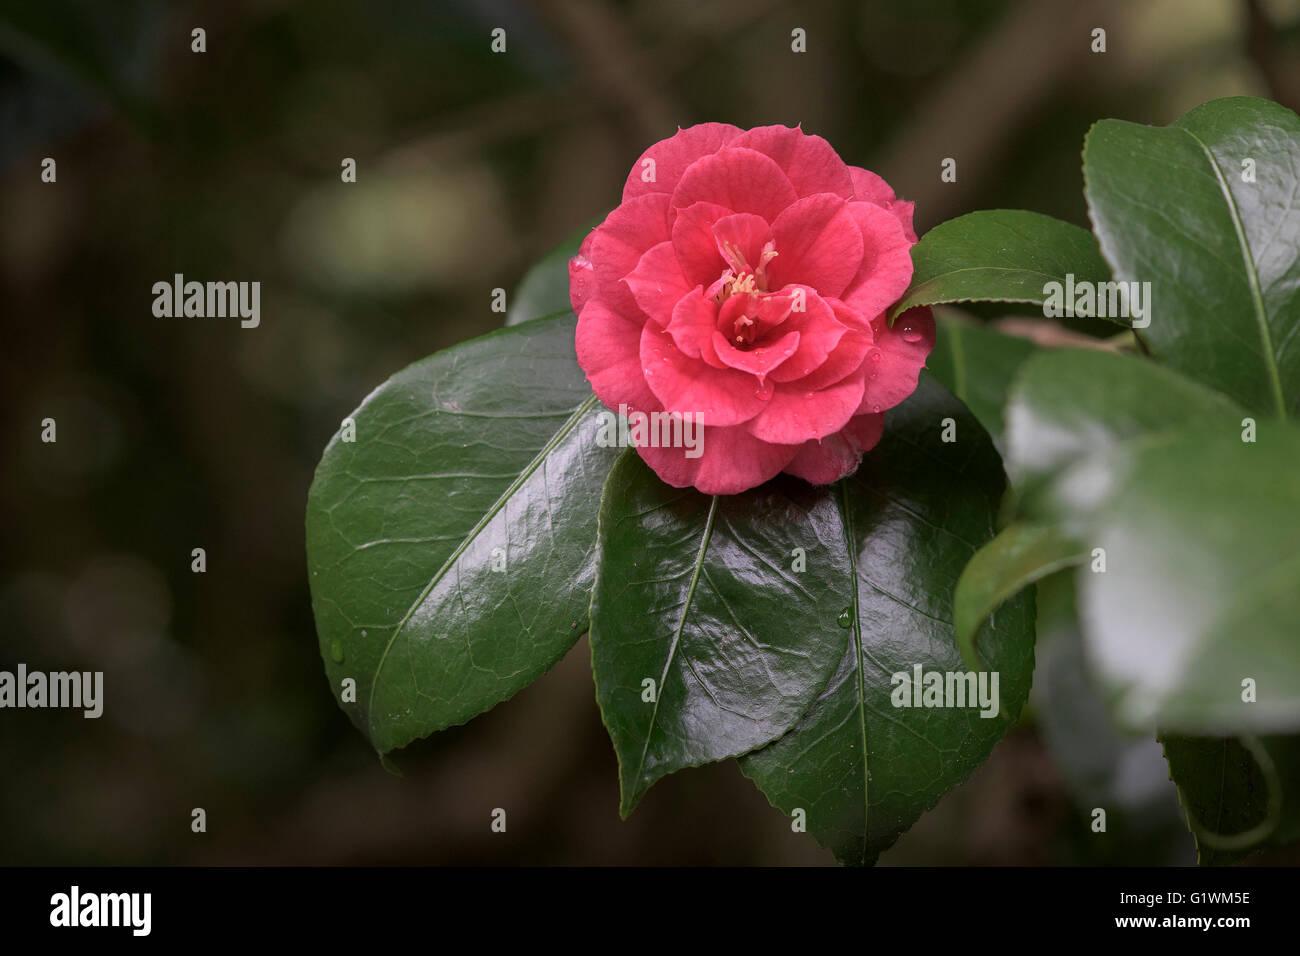 Camellia Japonica 'Apollo'. - Stock Image